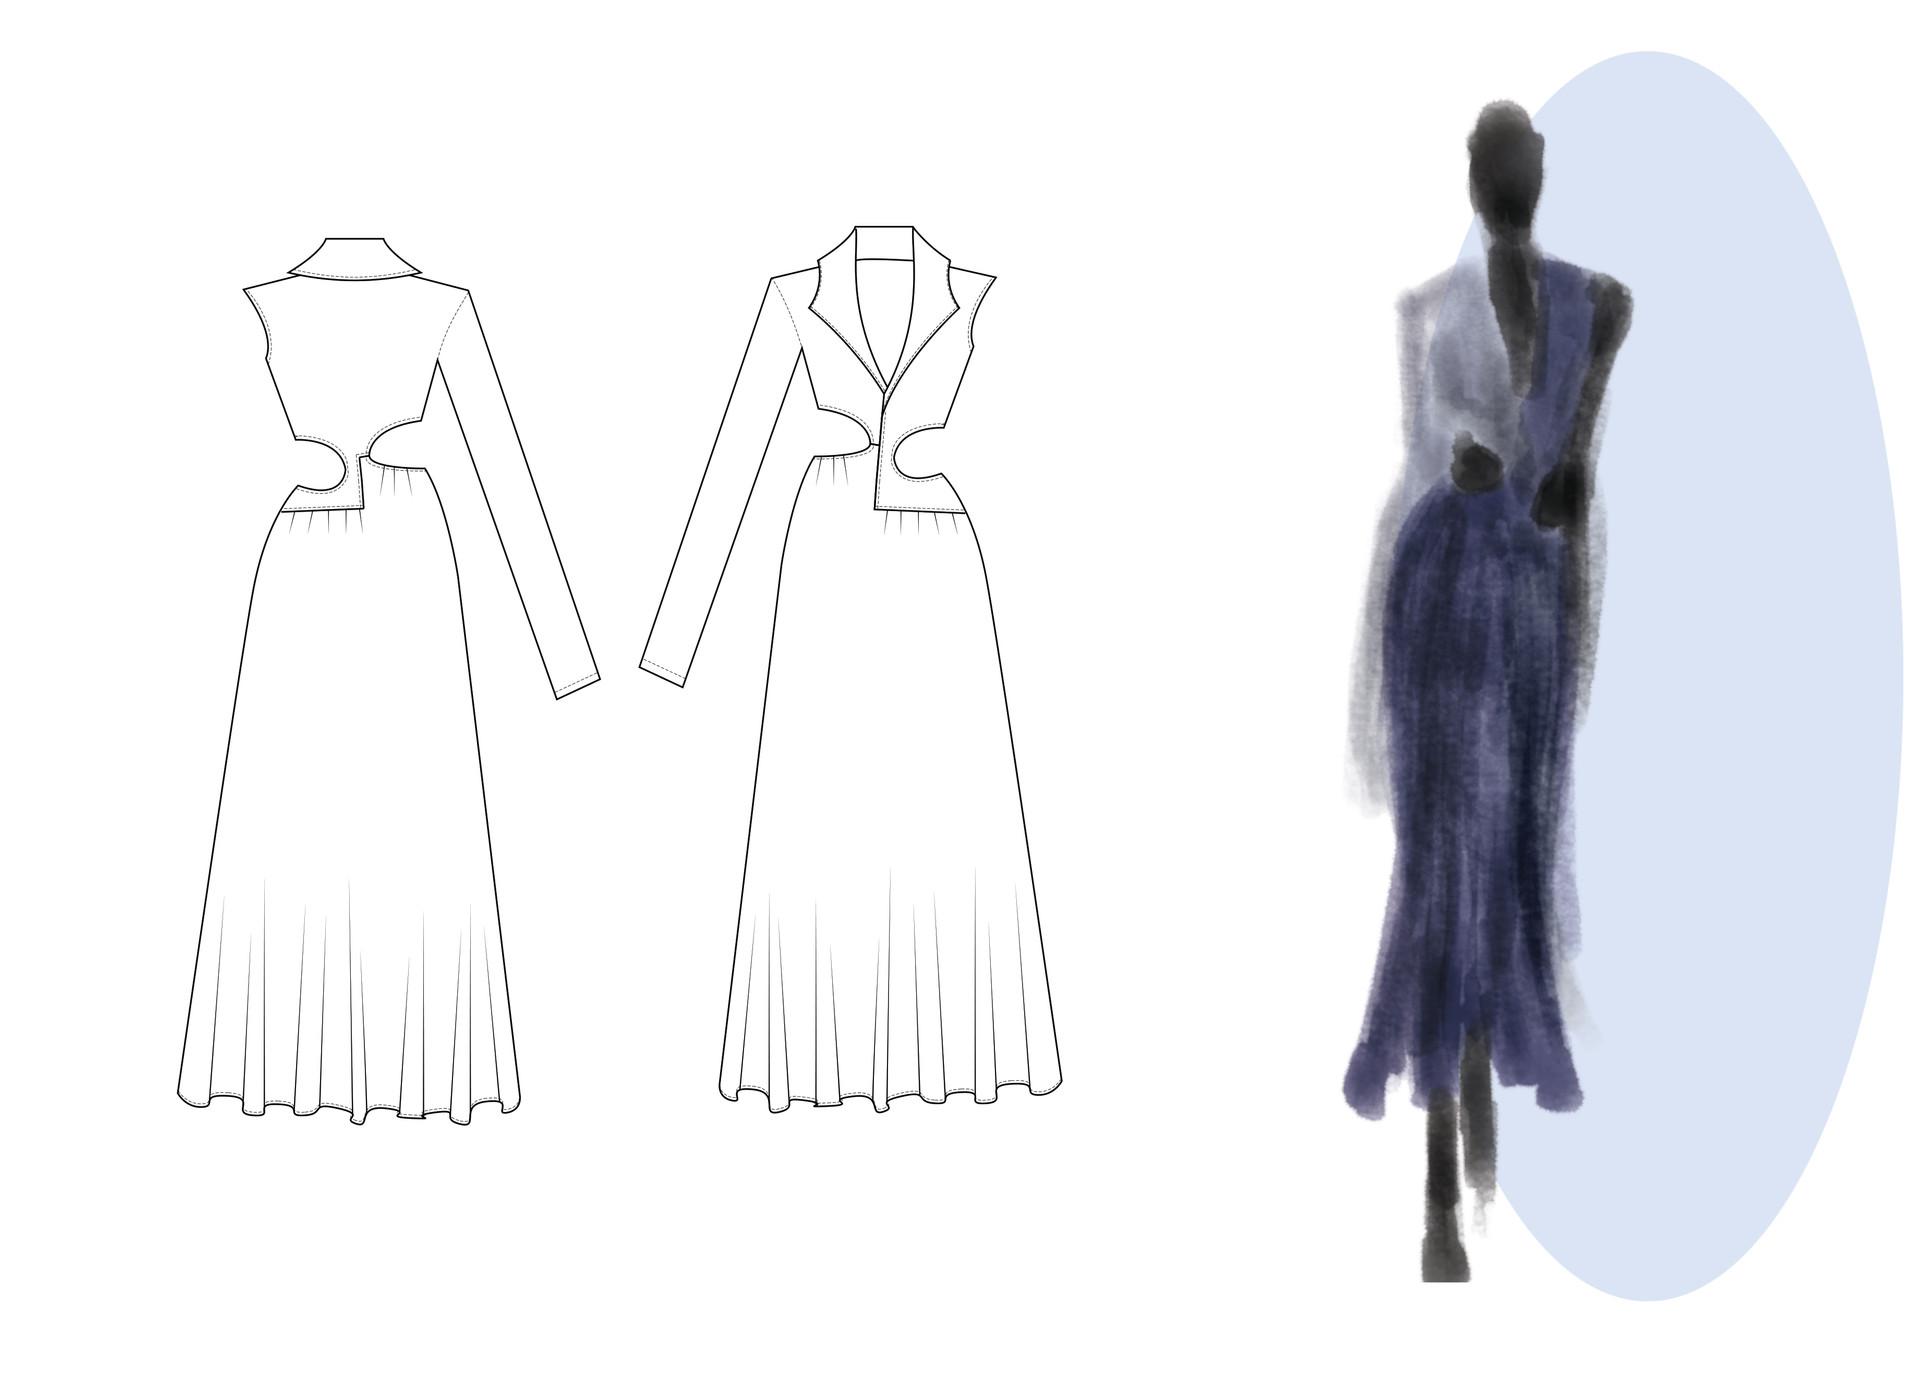 cut sew presentation portfolio 7.jpg